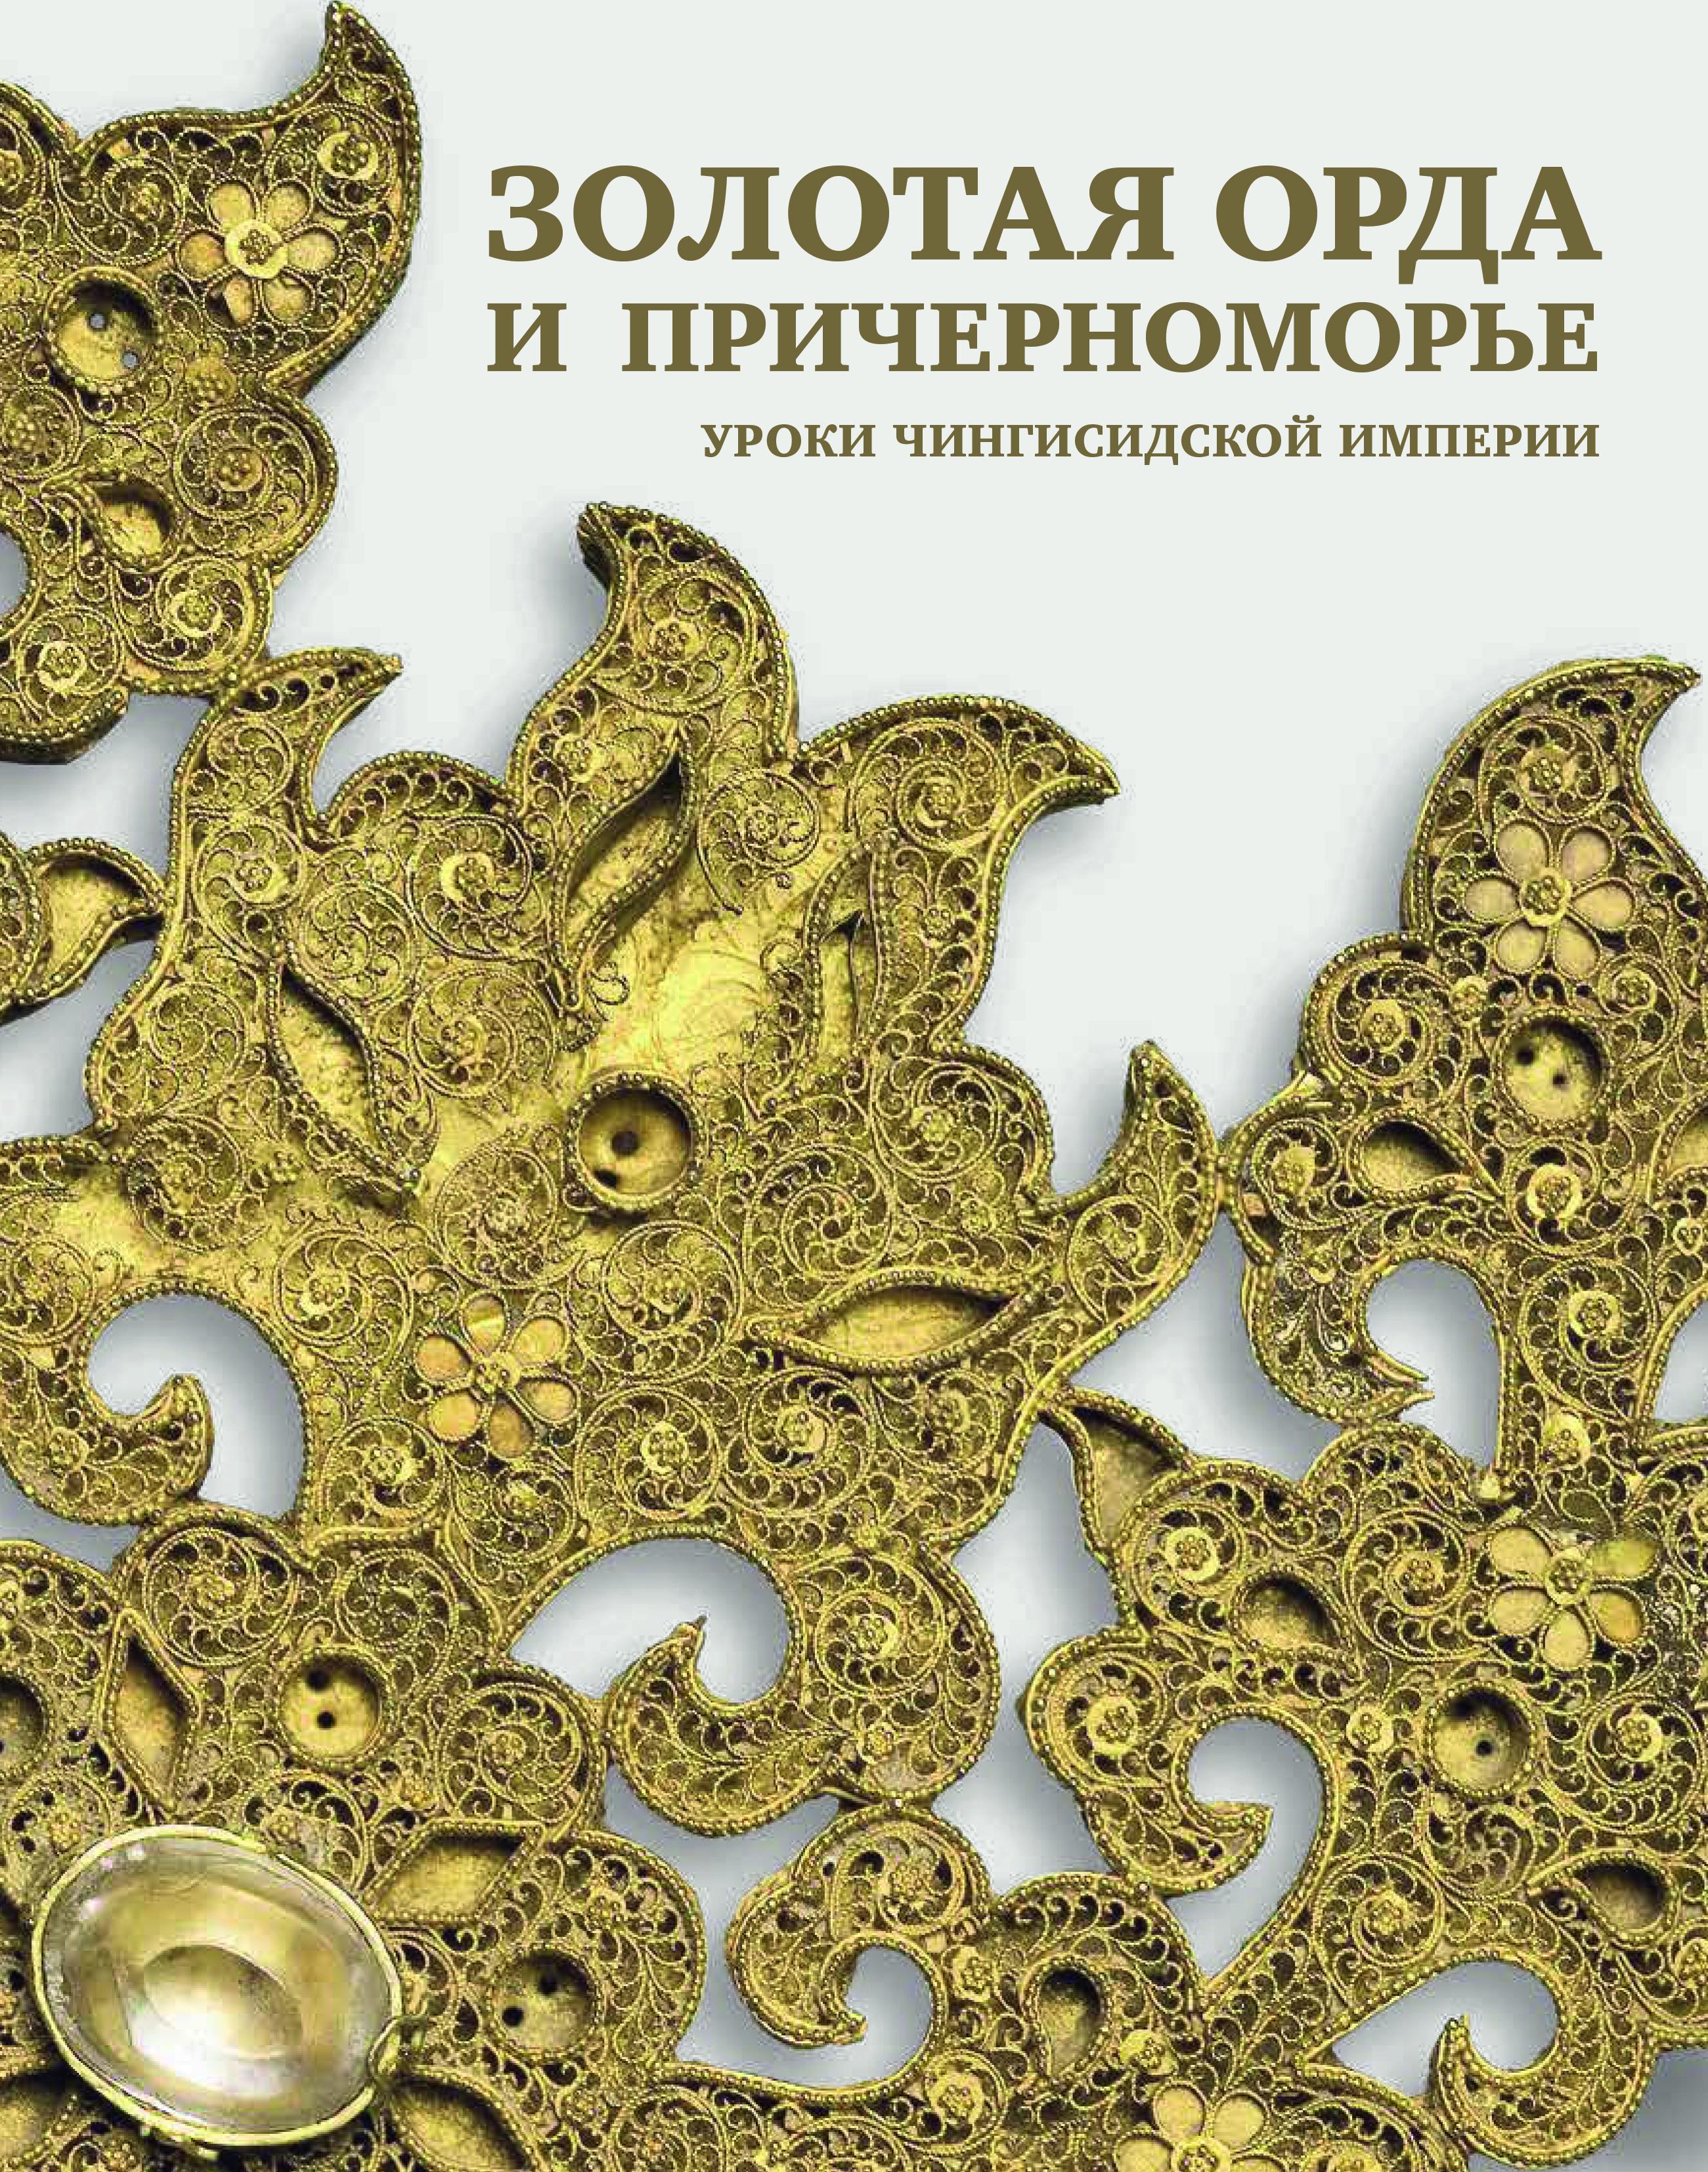 golden_horde_cover.jpg